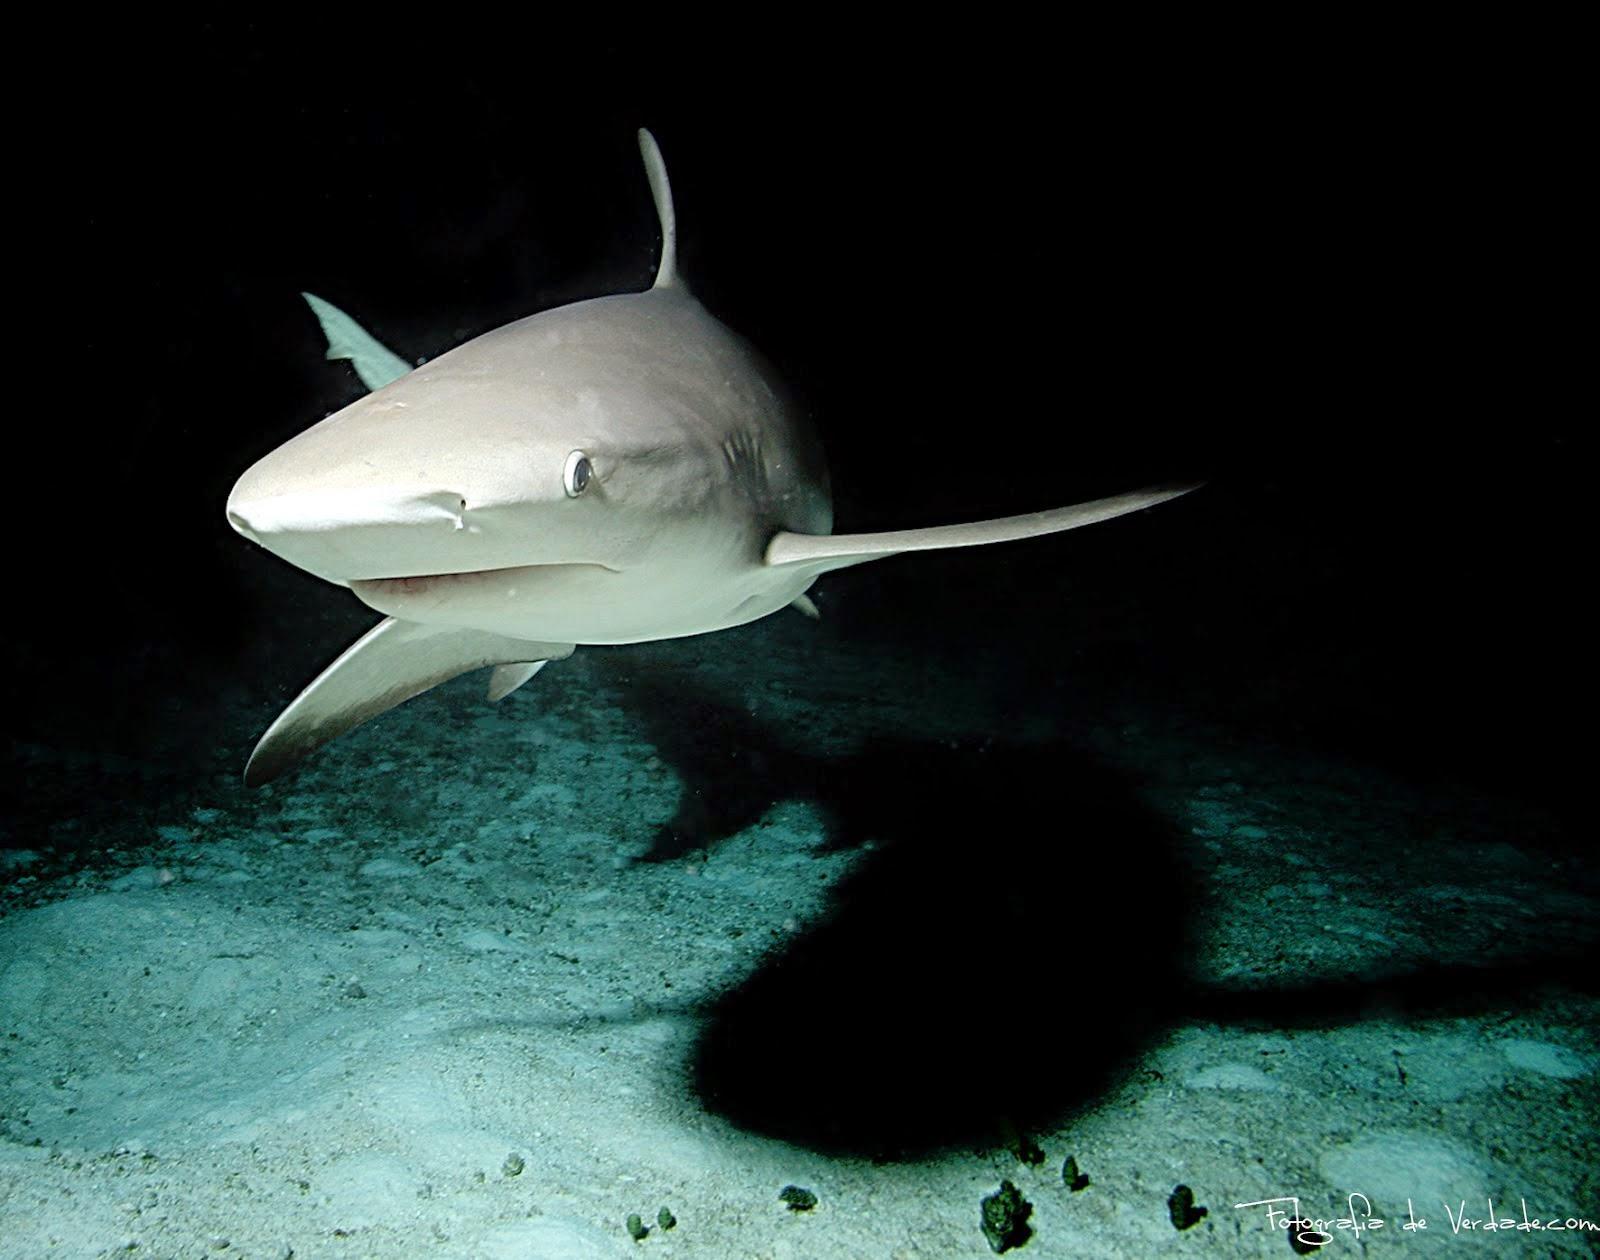 O ataca do Tubarão nas Bahamas